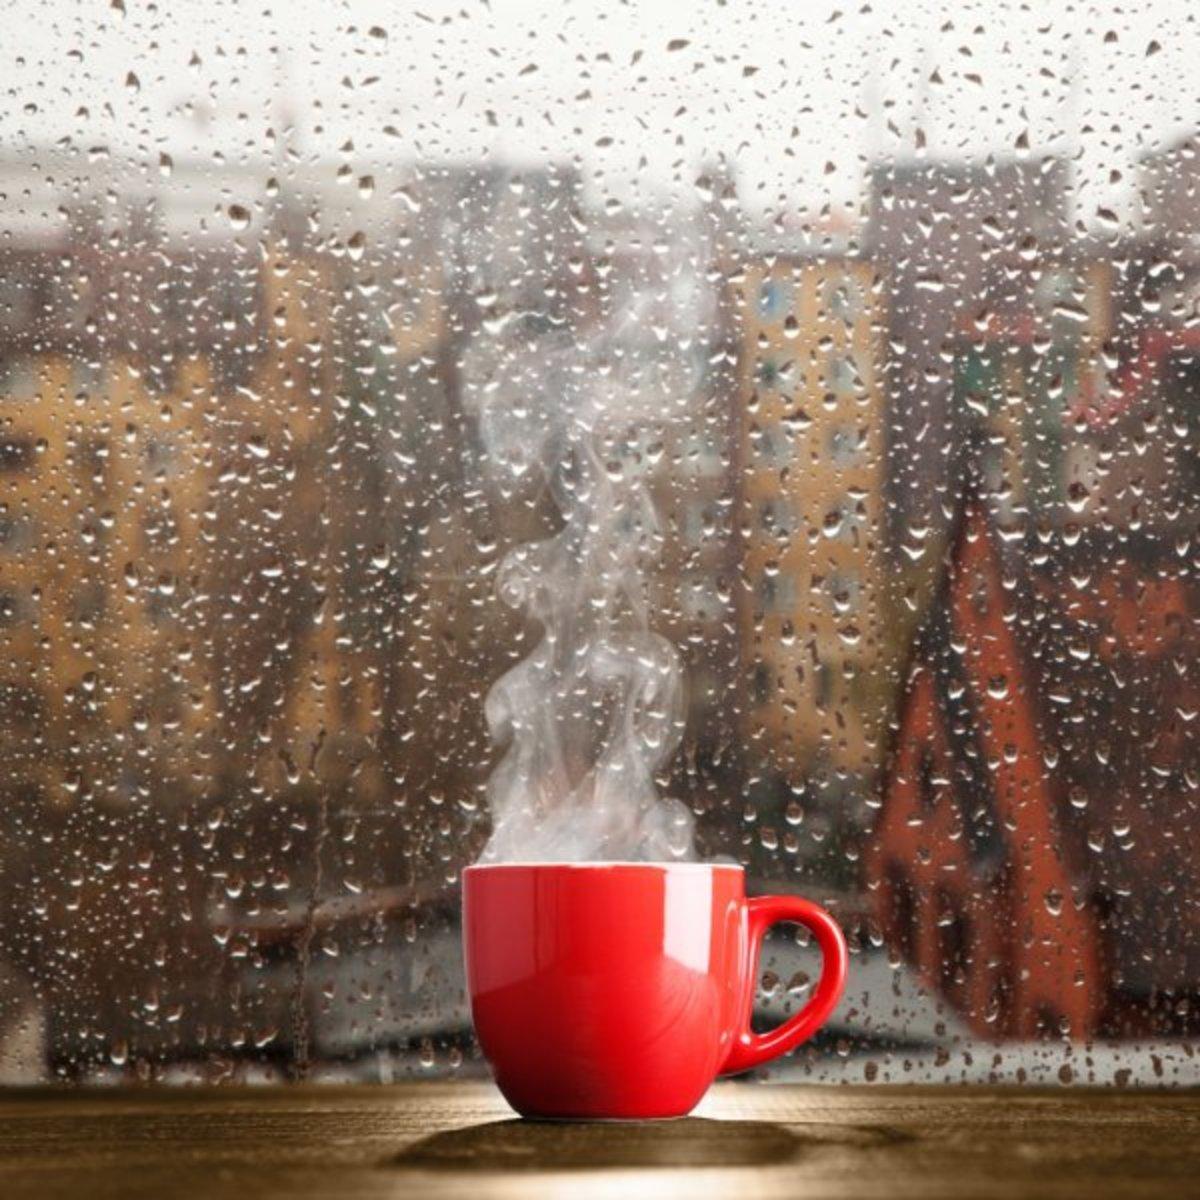 Just beside the lovely rain